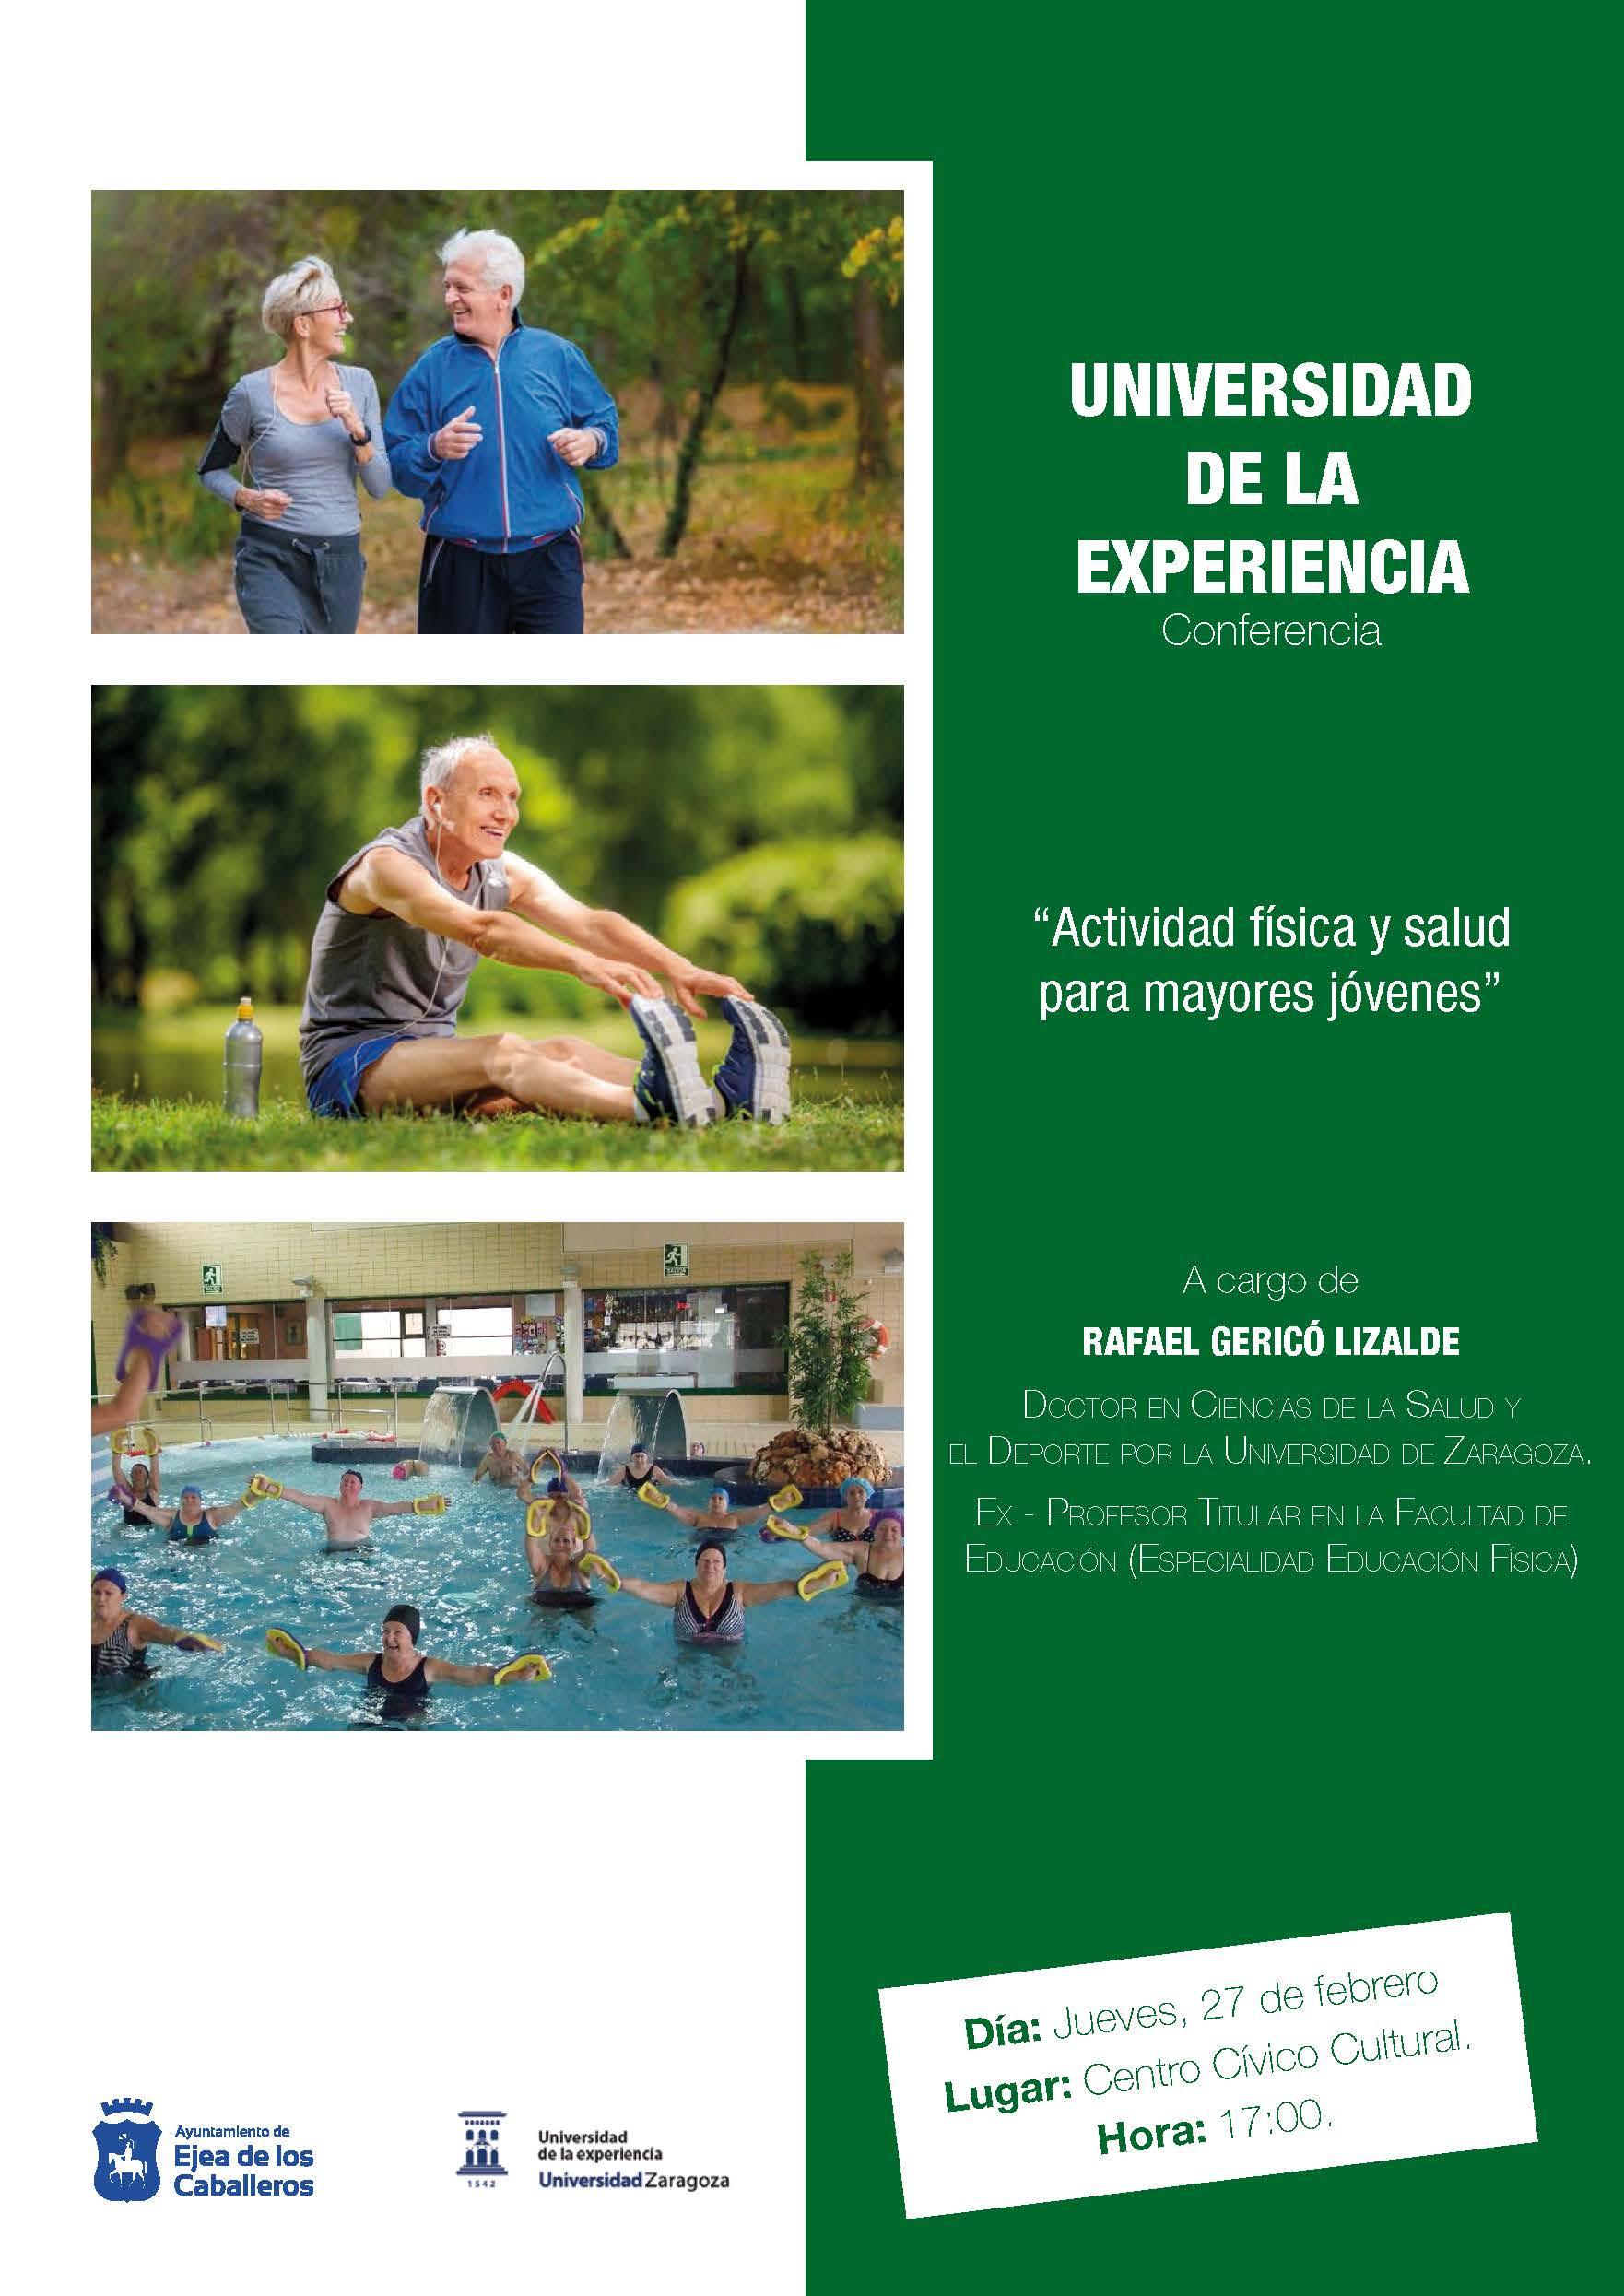 """""""Actividad Física y Salud para Mayores Jóvenes"""": Conferencia de la Universidad de la Experiencia a cargo del profesor Rafael Gericó Lizalde"""